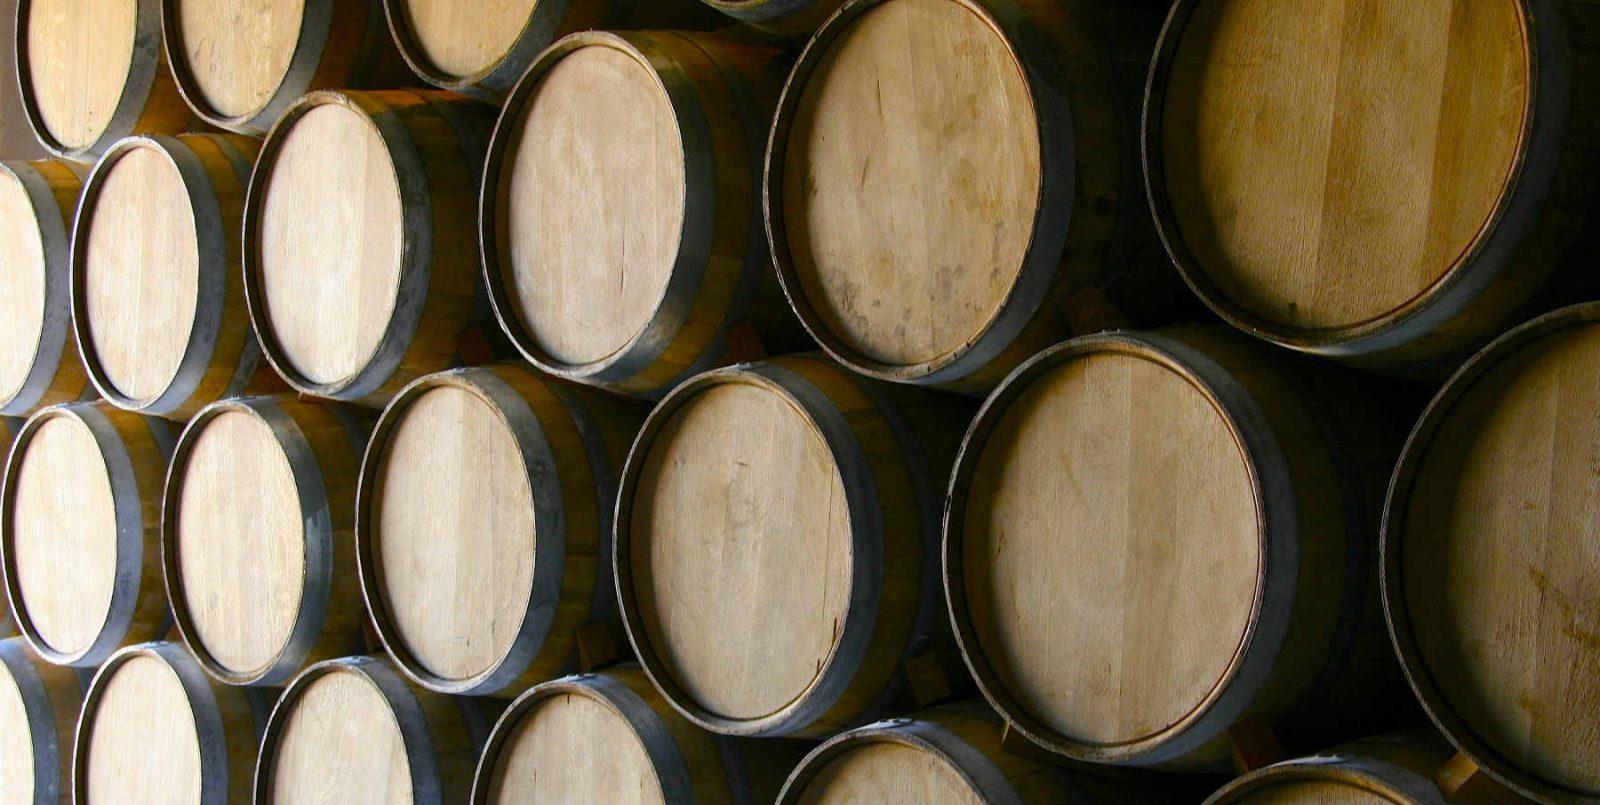 In Italia cresce la richiesta di vino sfuso: ecco dove trovare importatori